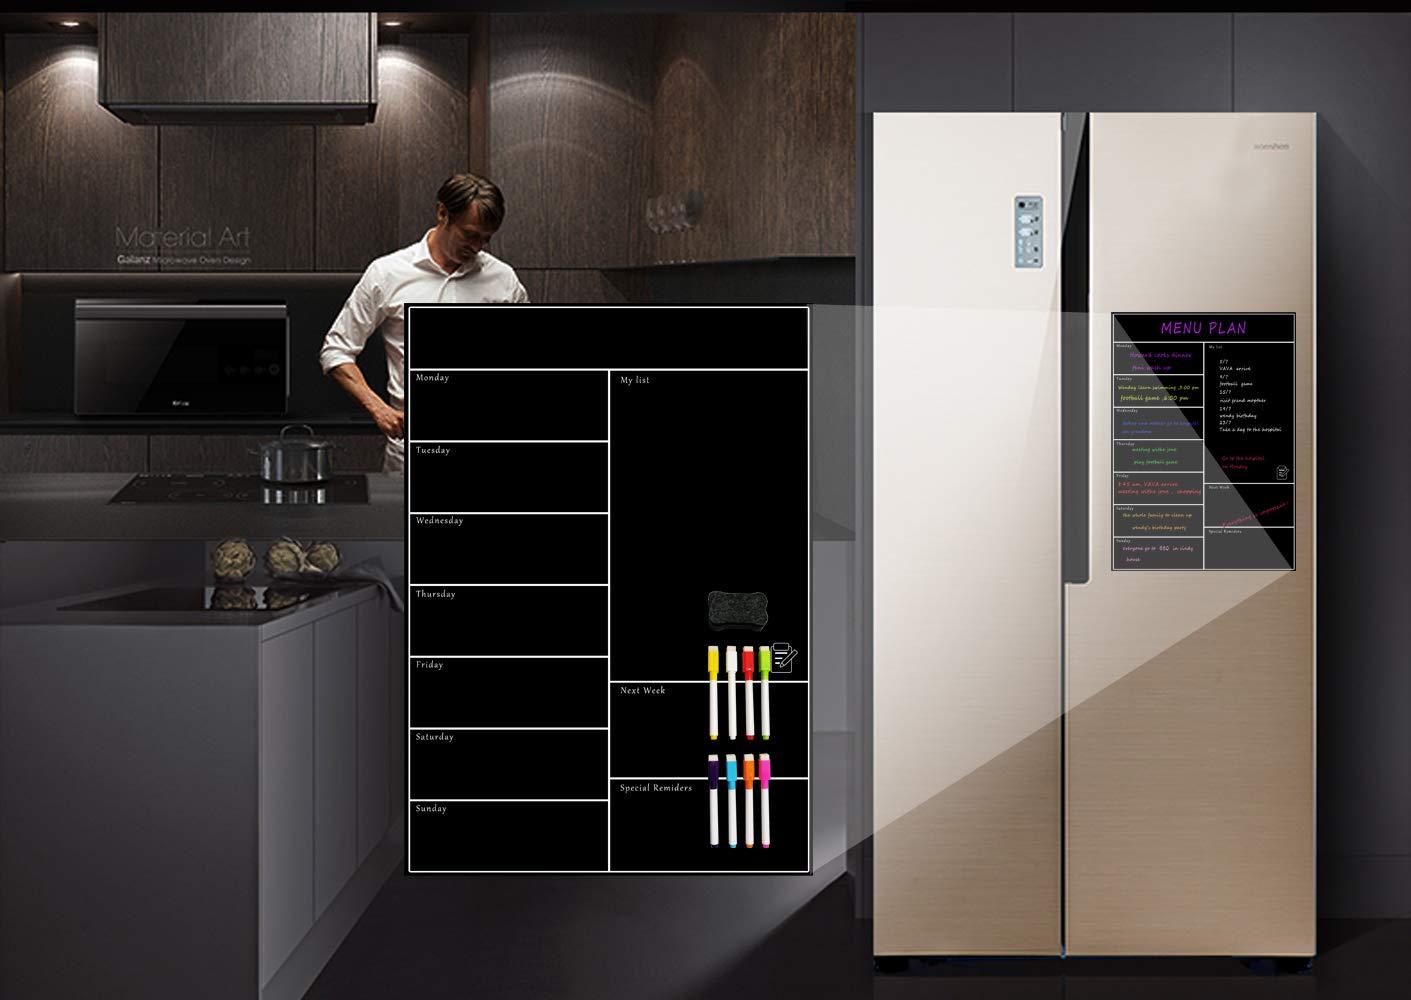 Kühlschrank Planer : Villexun weekly dry erase kühlschrank whiteboard menu planner